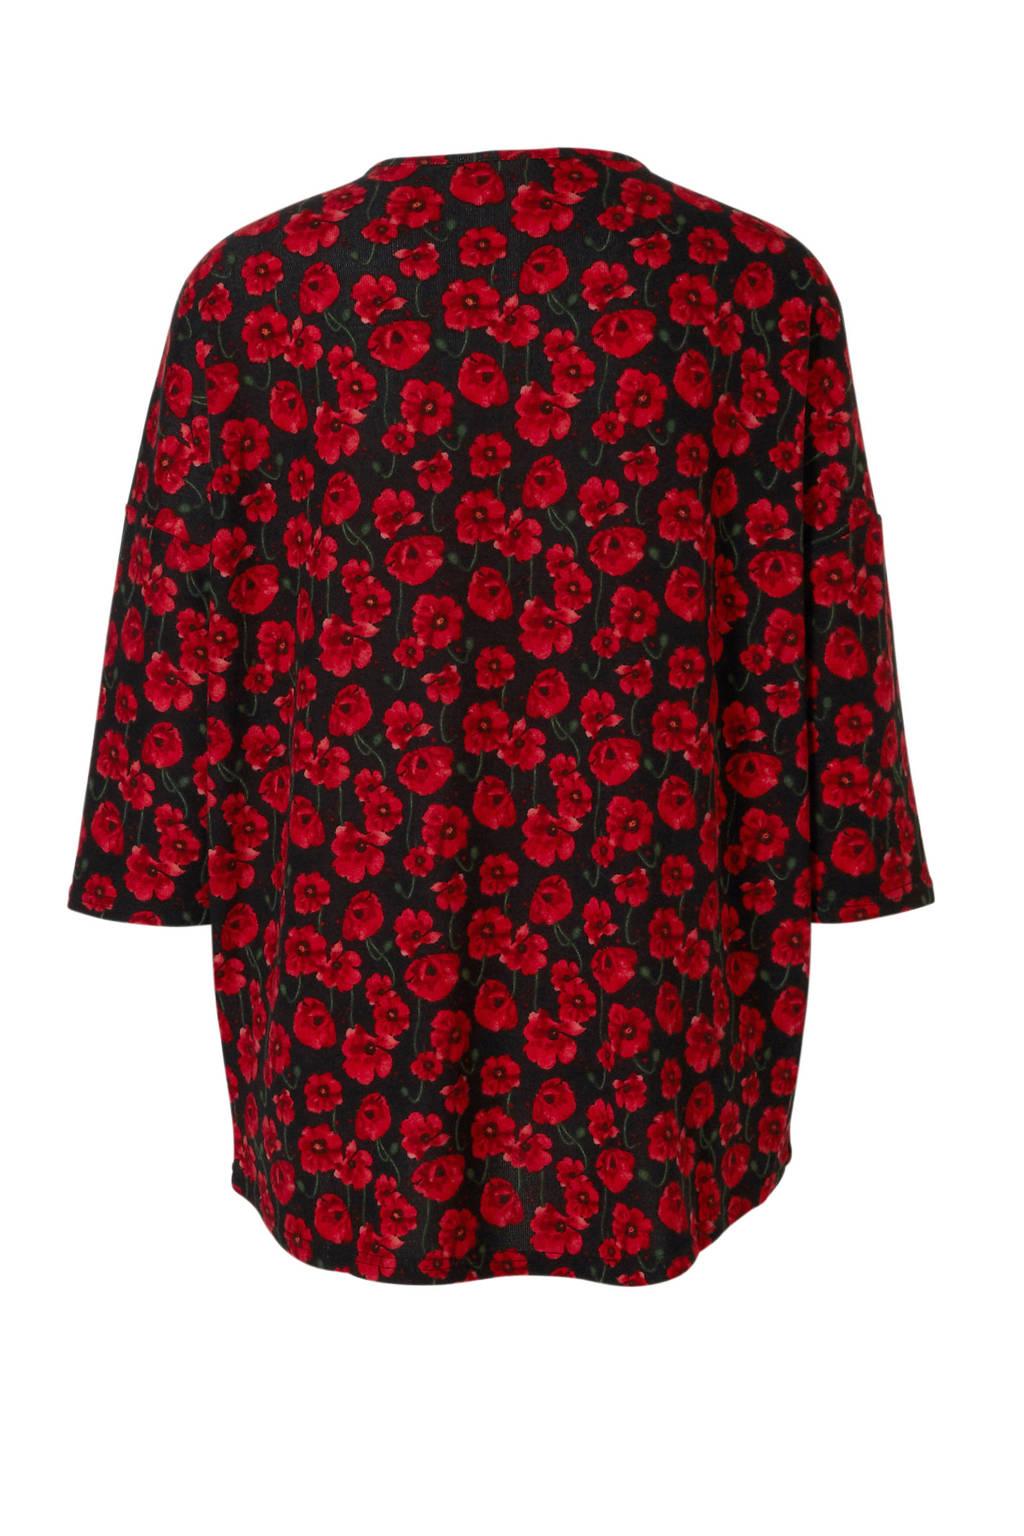 JACQUELINE DE YONG trui met bloemendessin, Rood/zwart